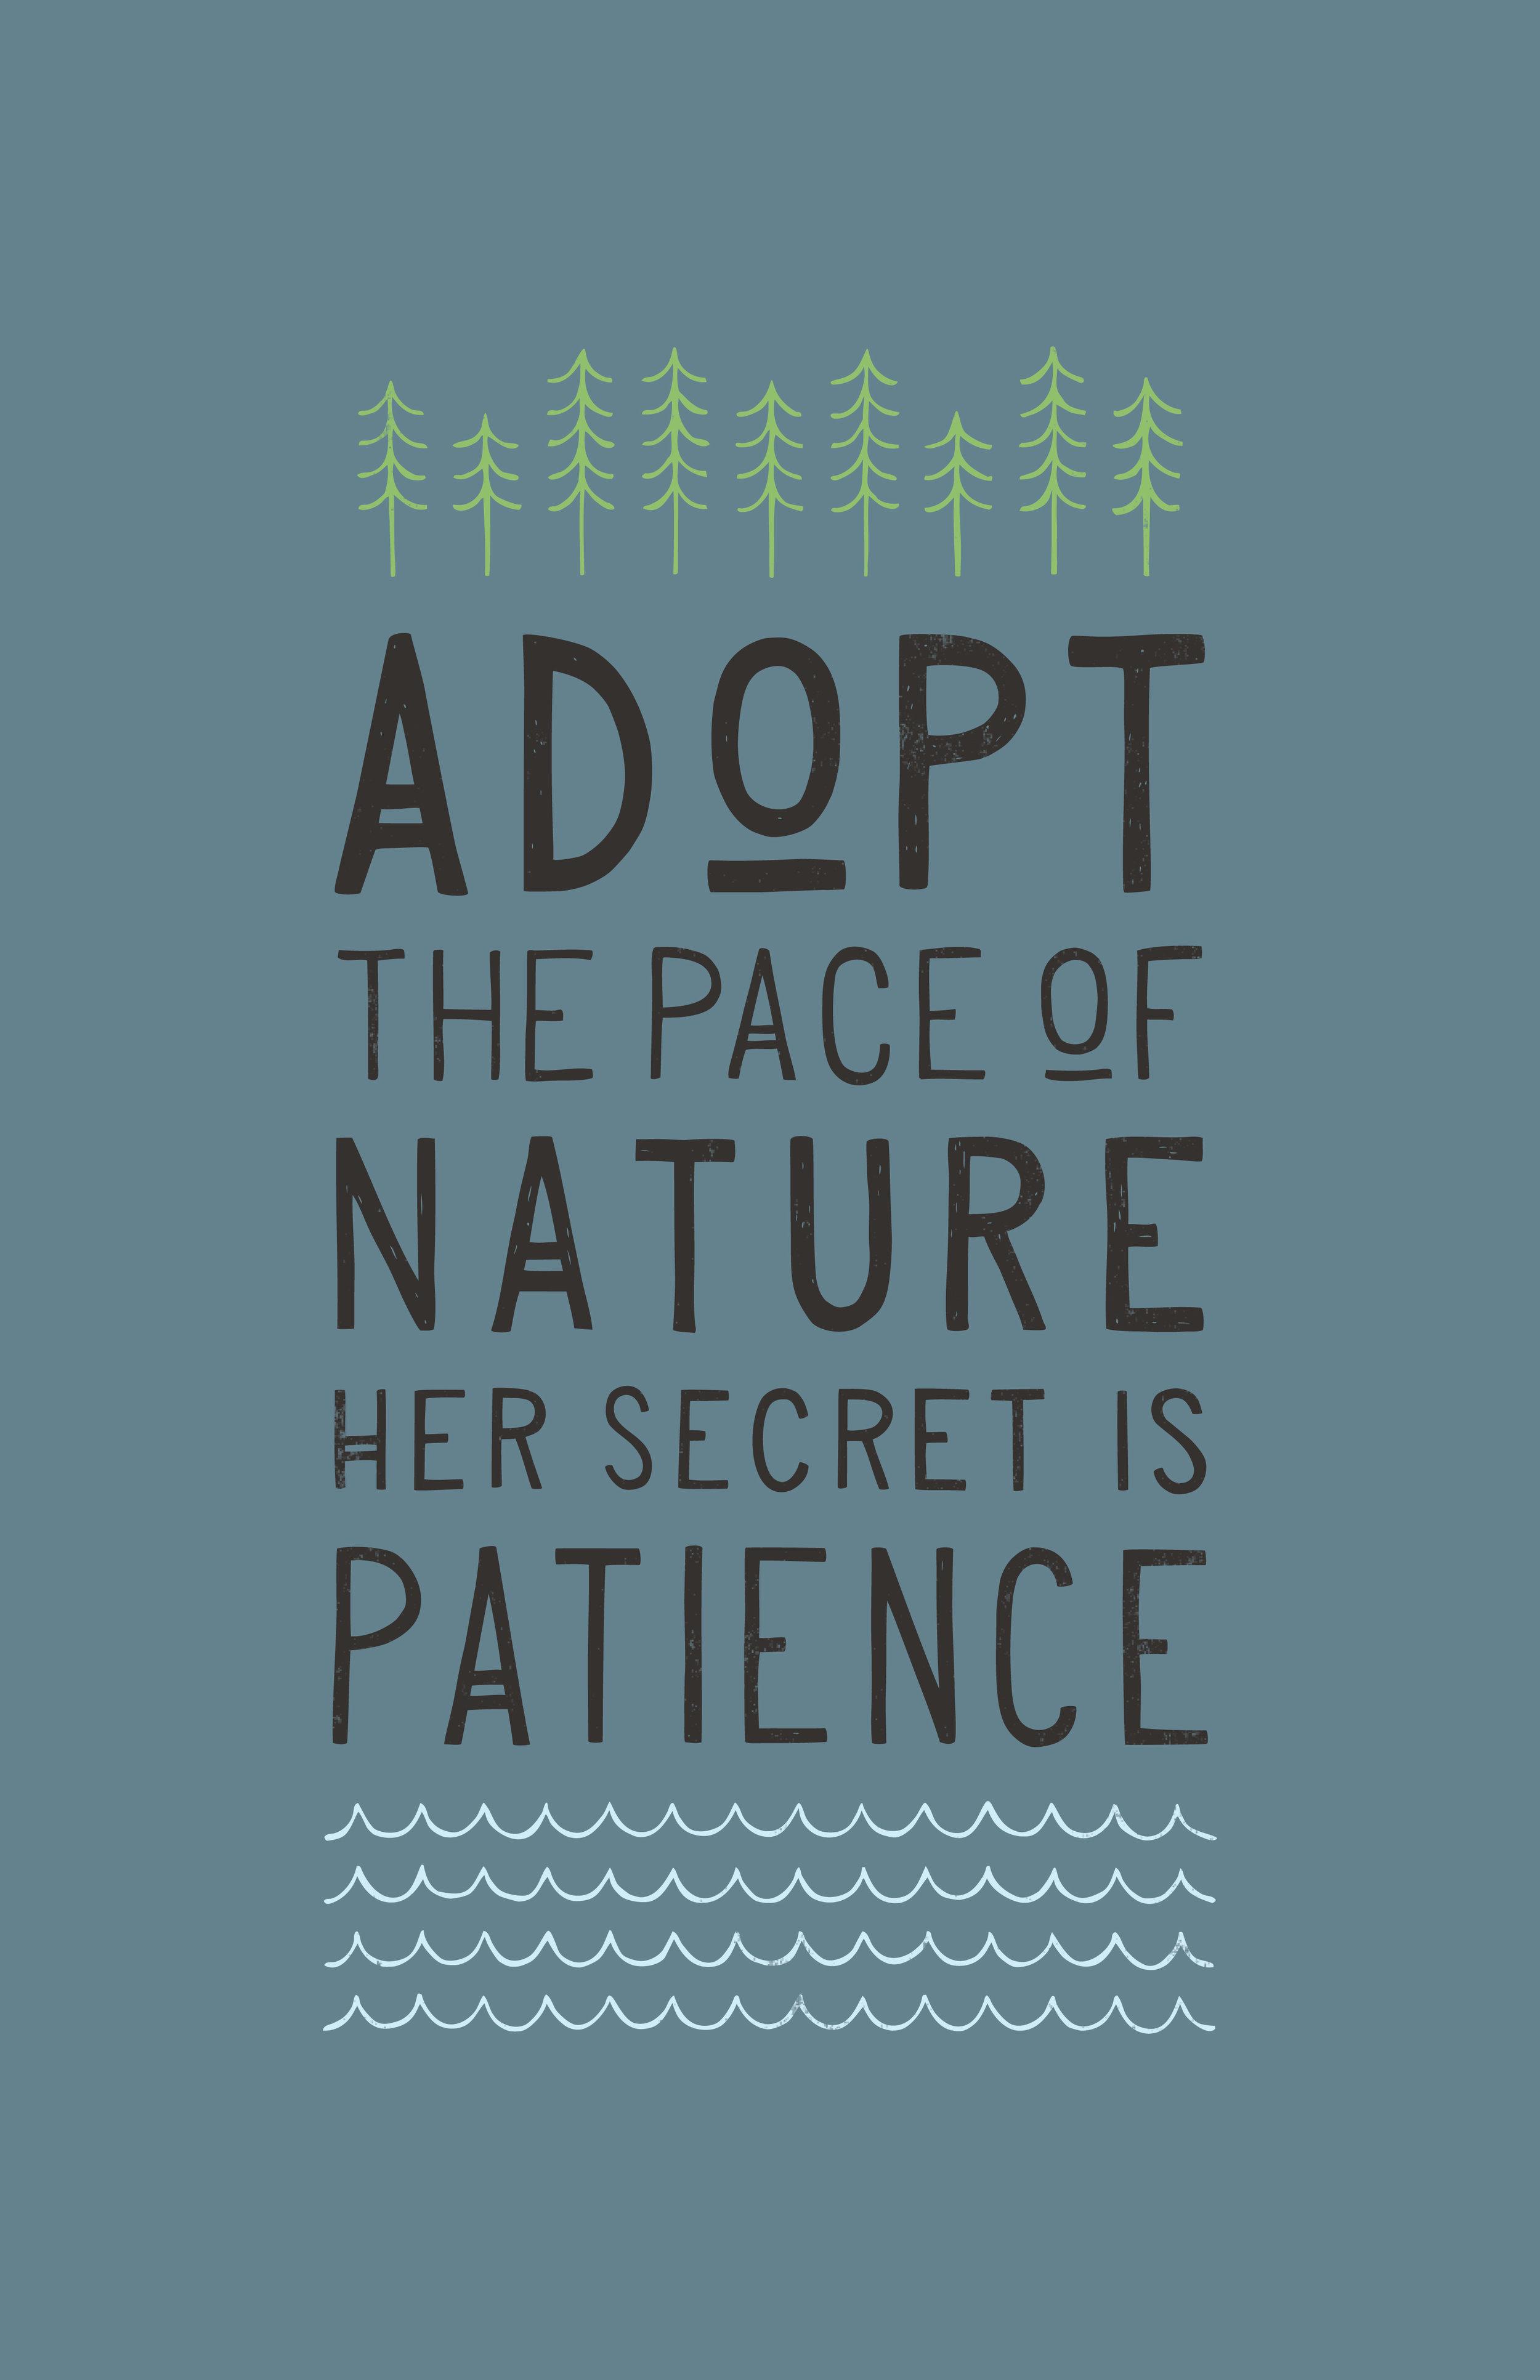 naturePace-01.jpg